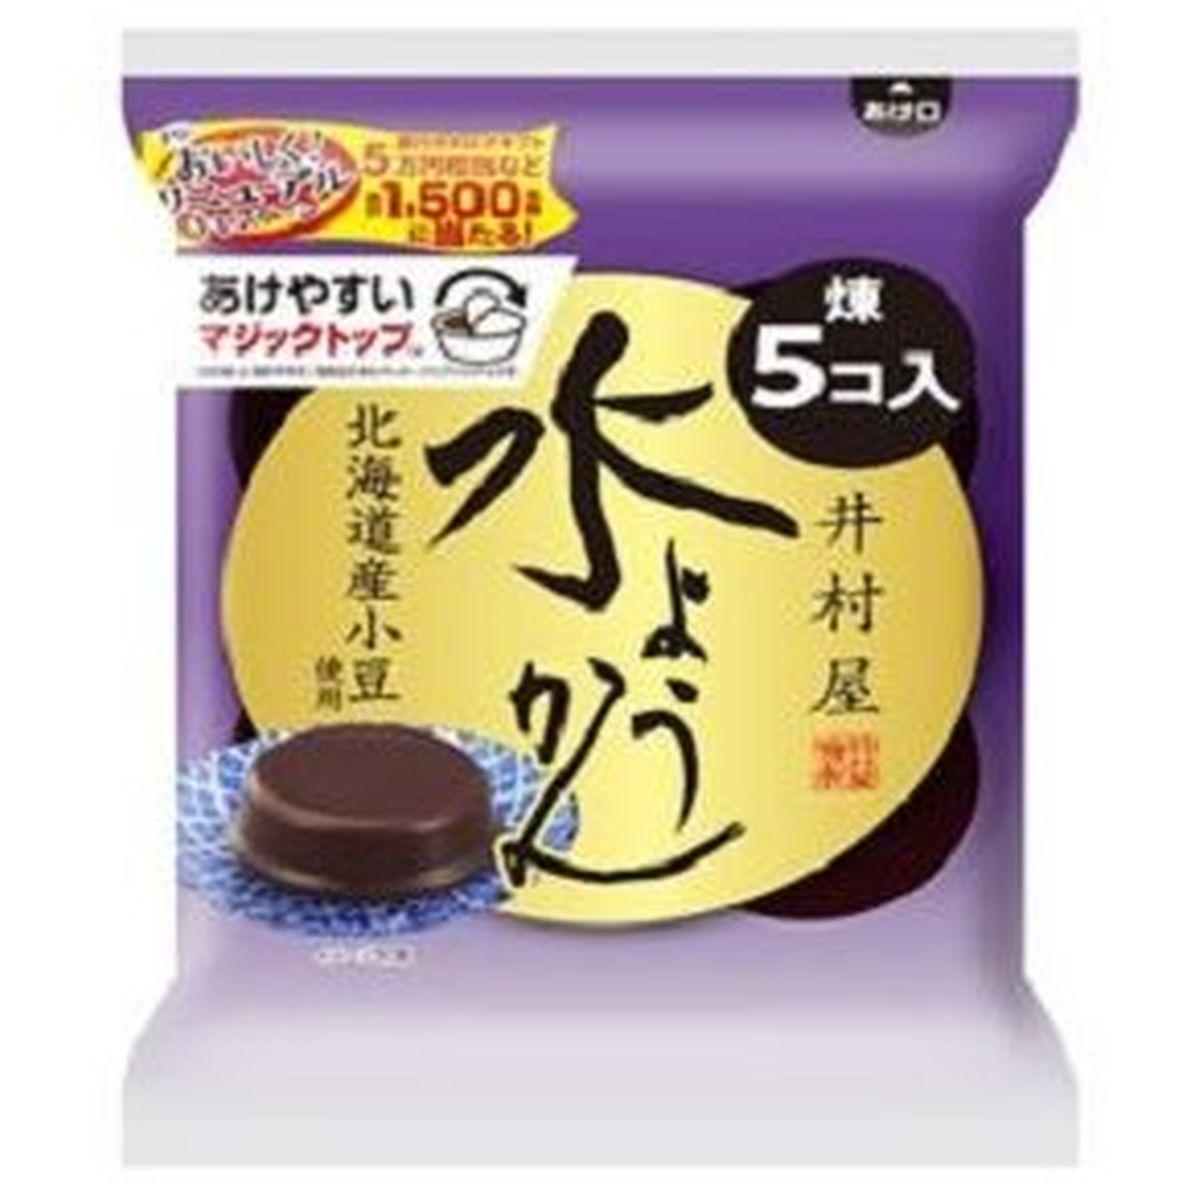 【10個入り】井村屋 水ようかん 62gX5個